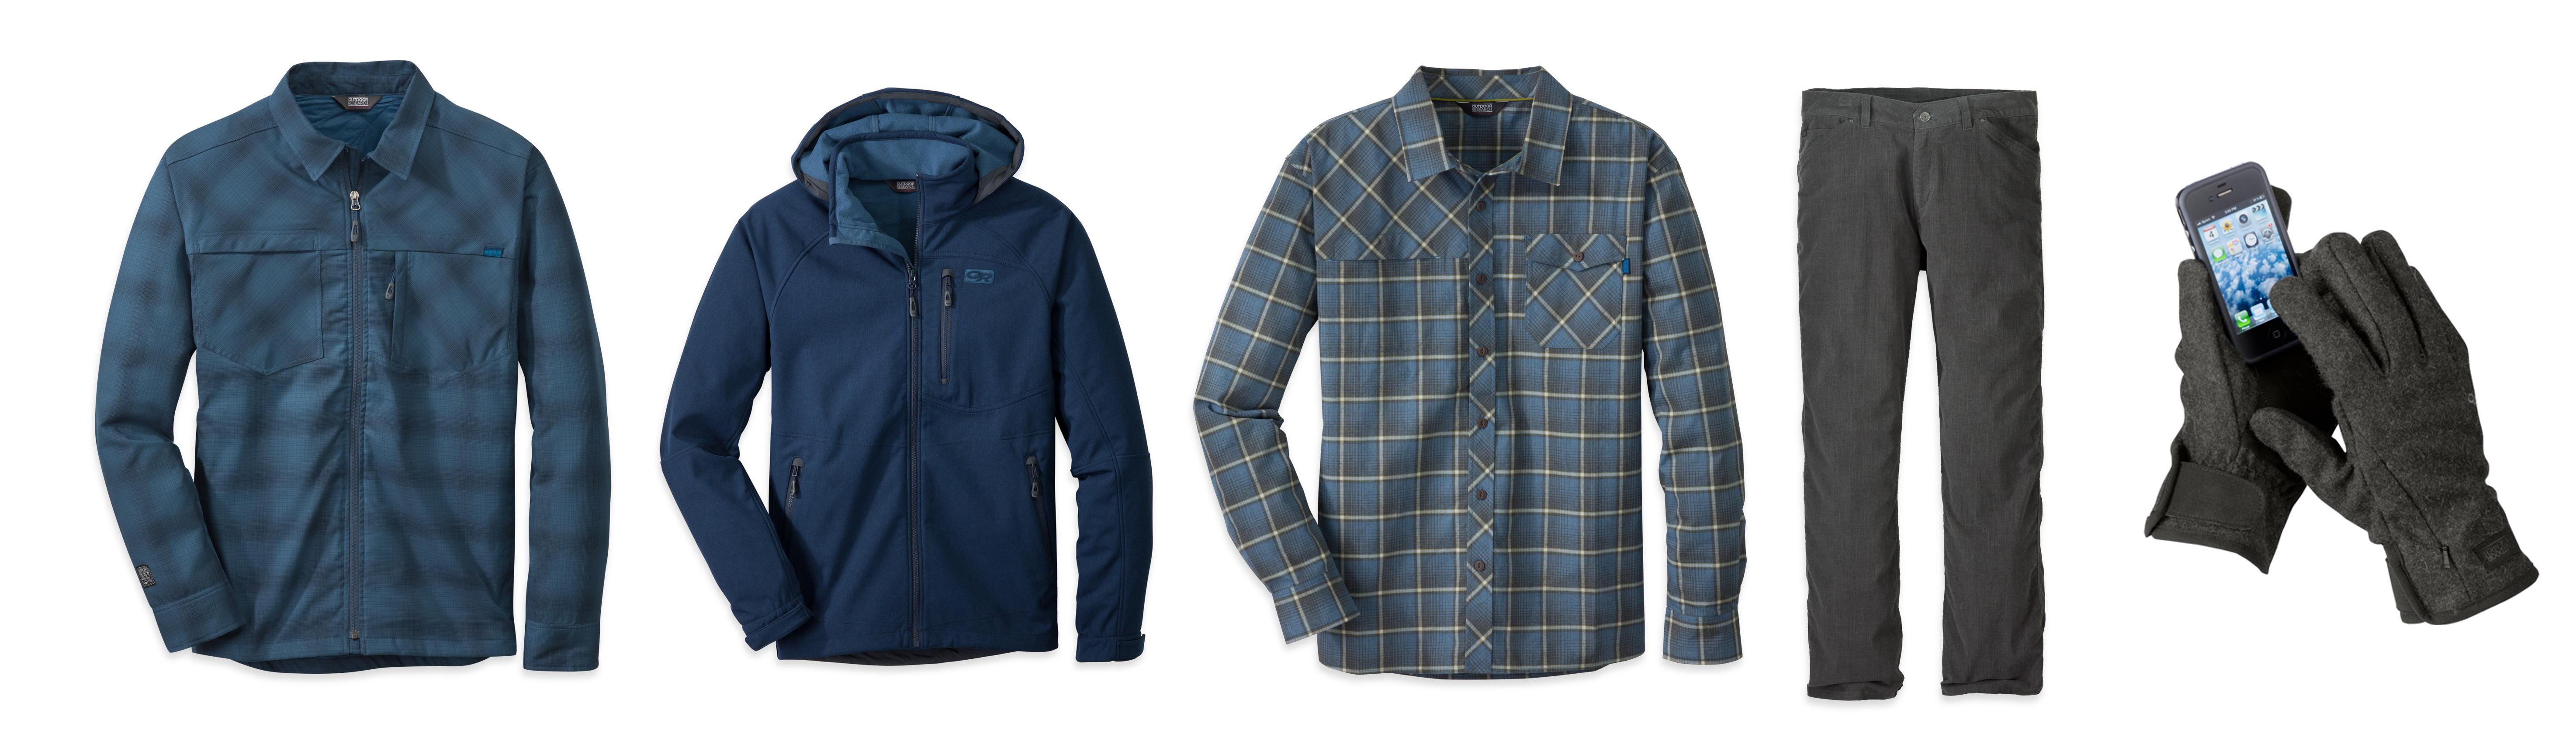 PNG Shirt And Pants - 87501